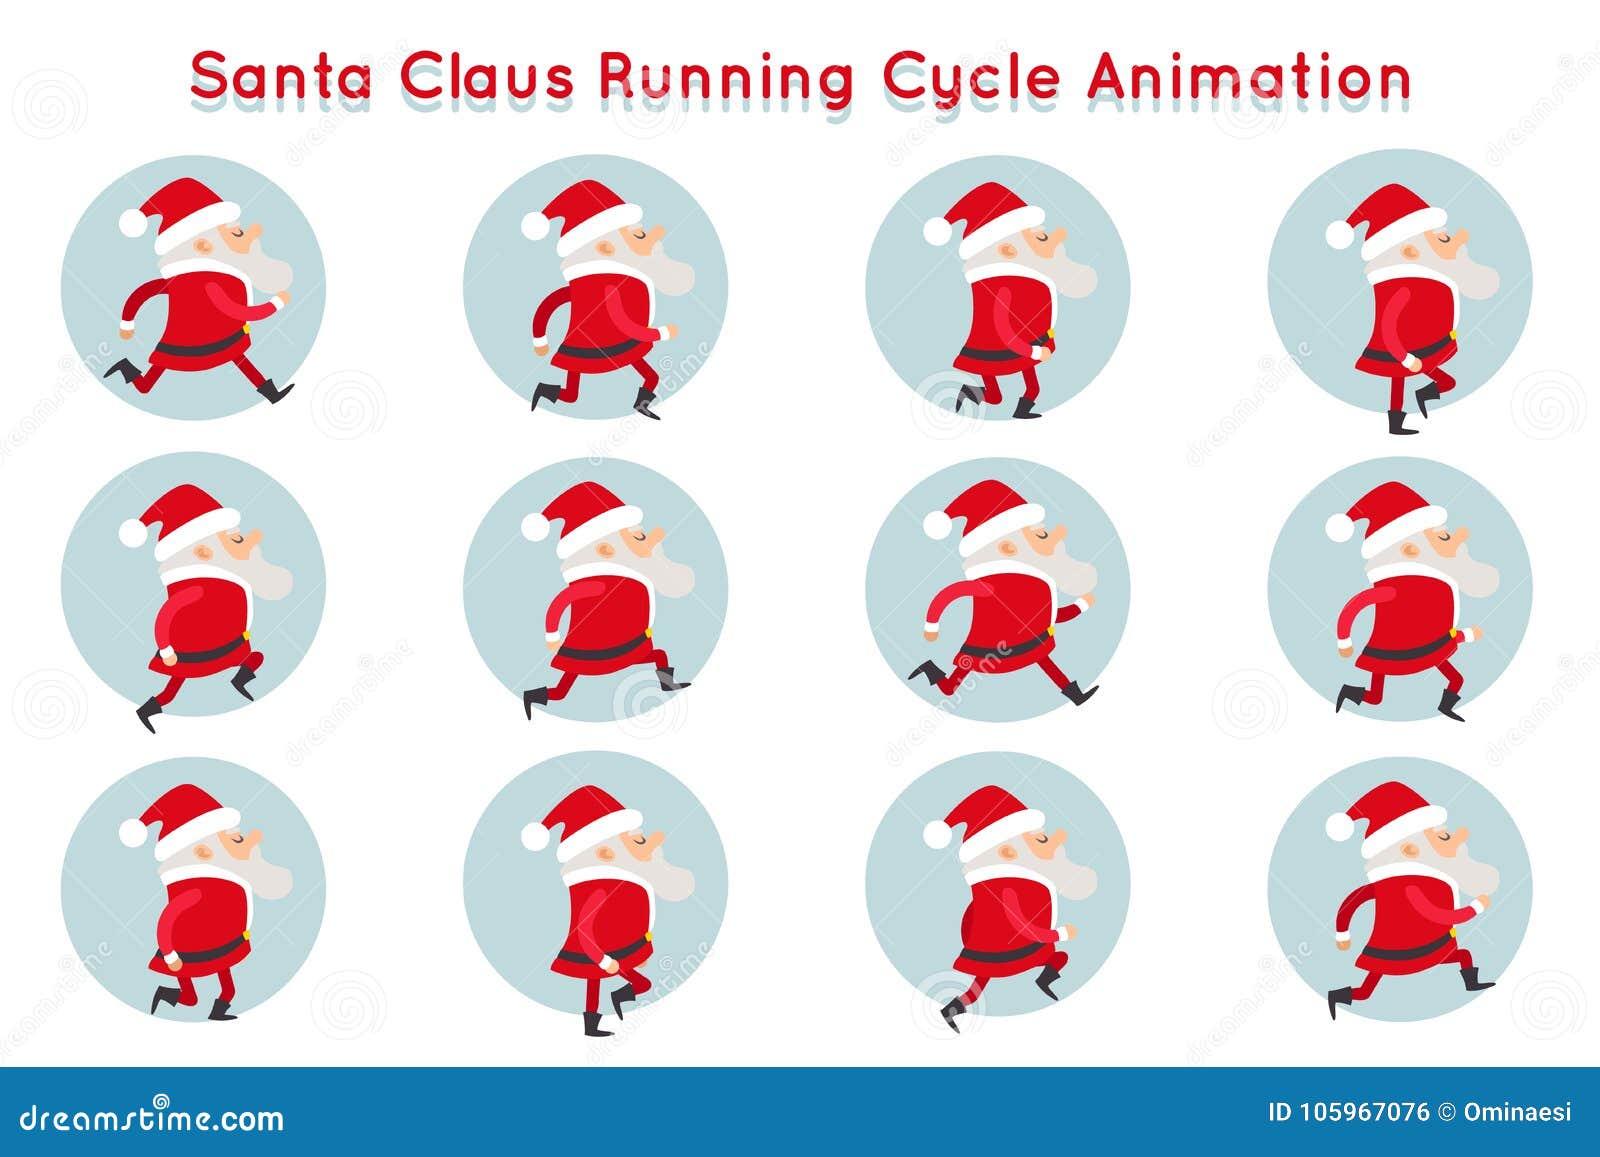 逗人喜爱的圣诞老人滑稽的运行周期动画漫画人物构筑传染媒介例证